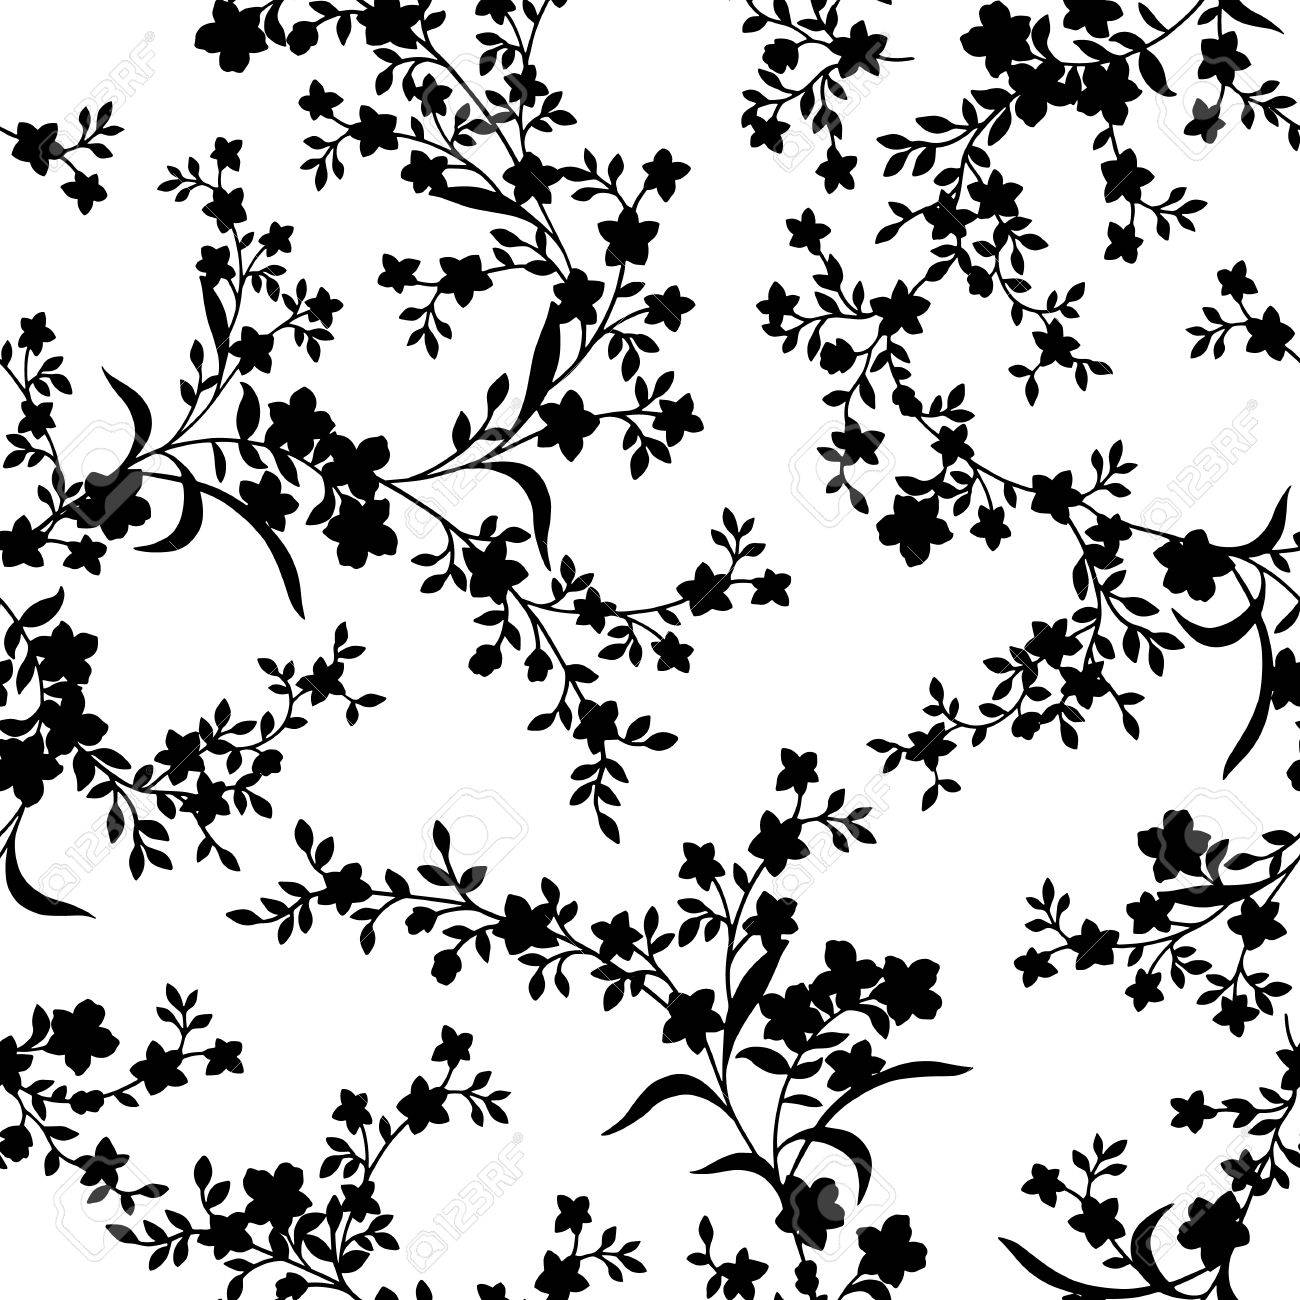 flower pattern - 40853723